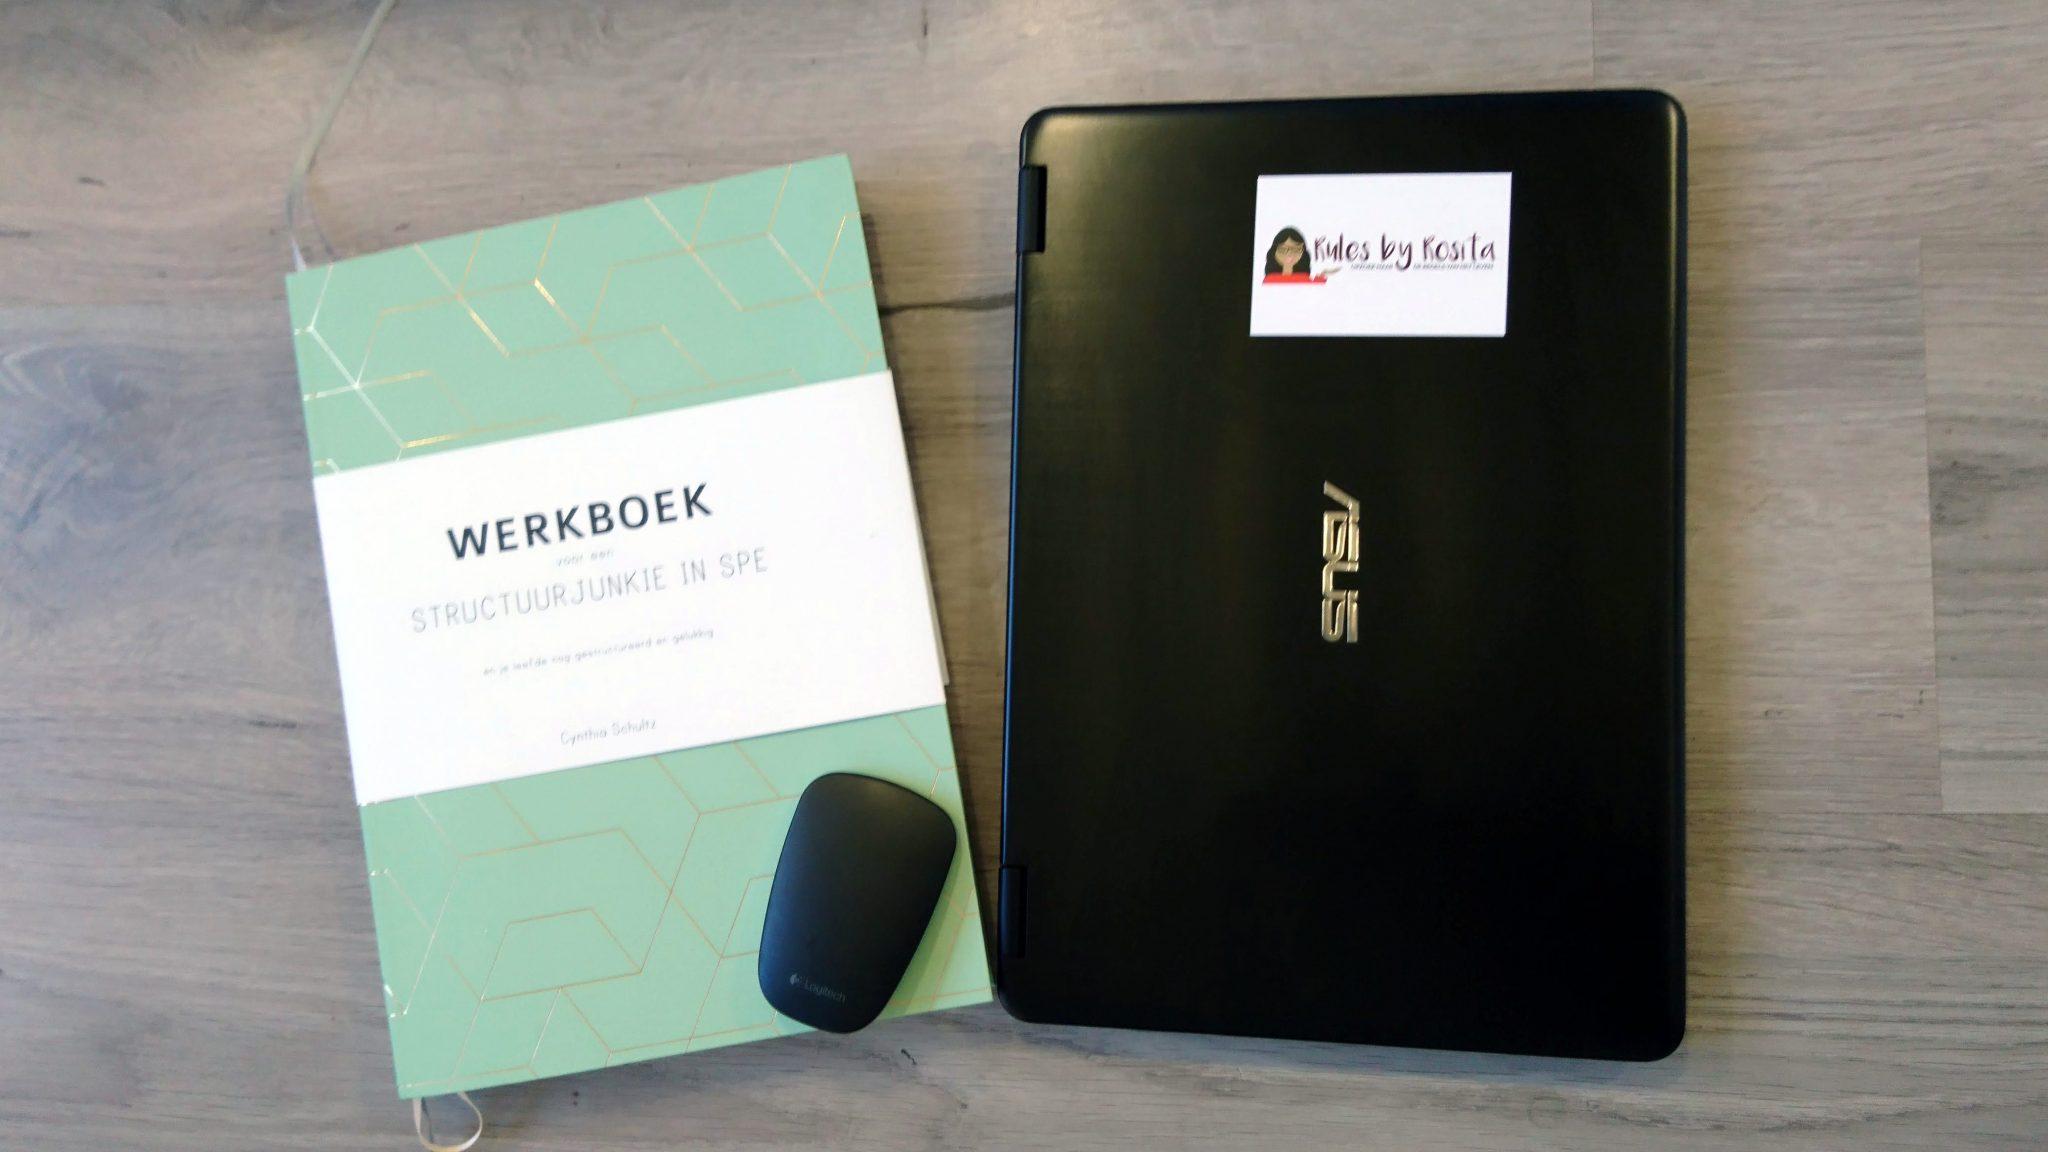 Werkboek voor een structuurjunkie in spé, laptop, muis en visitekaartje. lijstjes